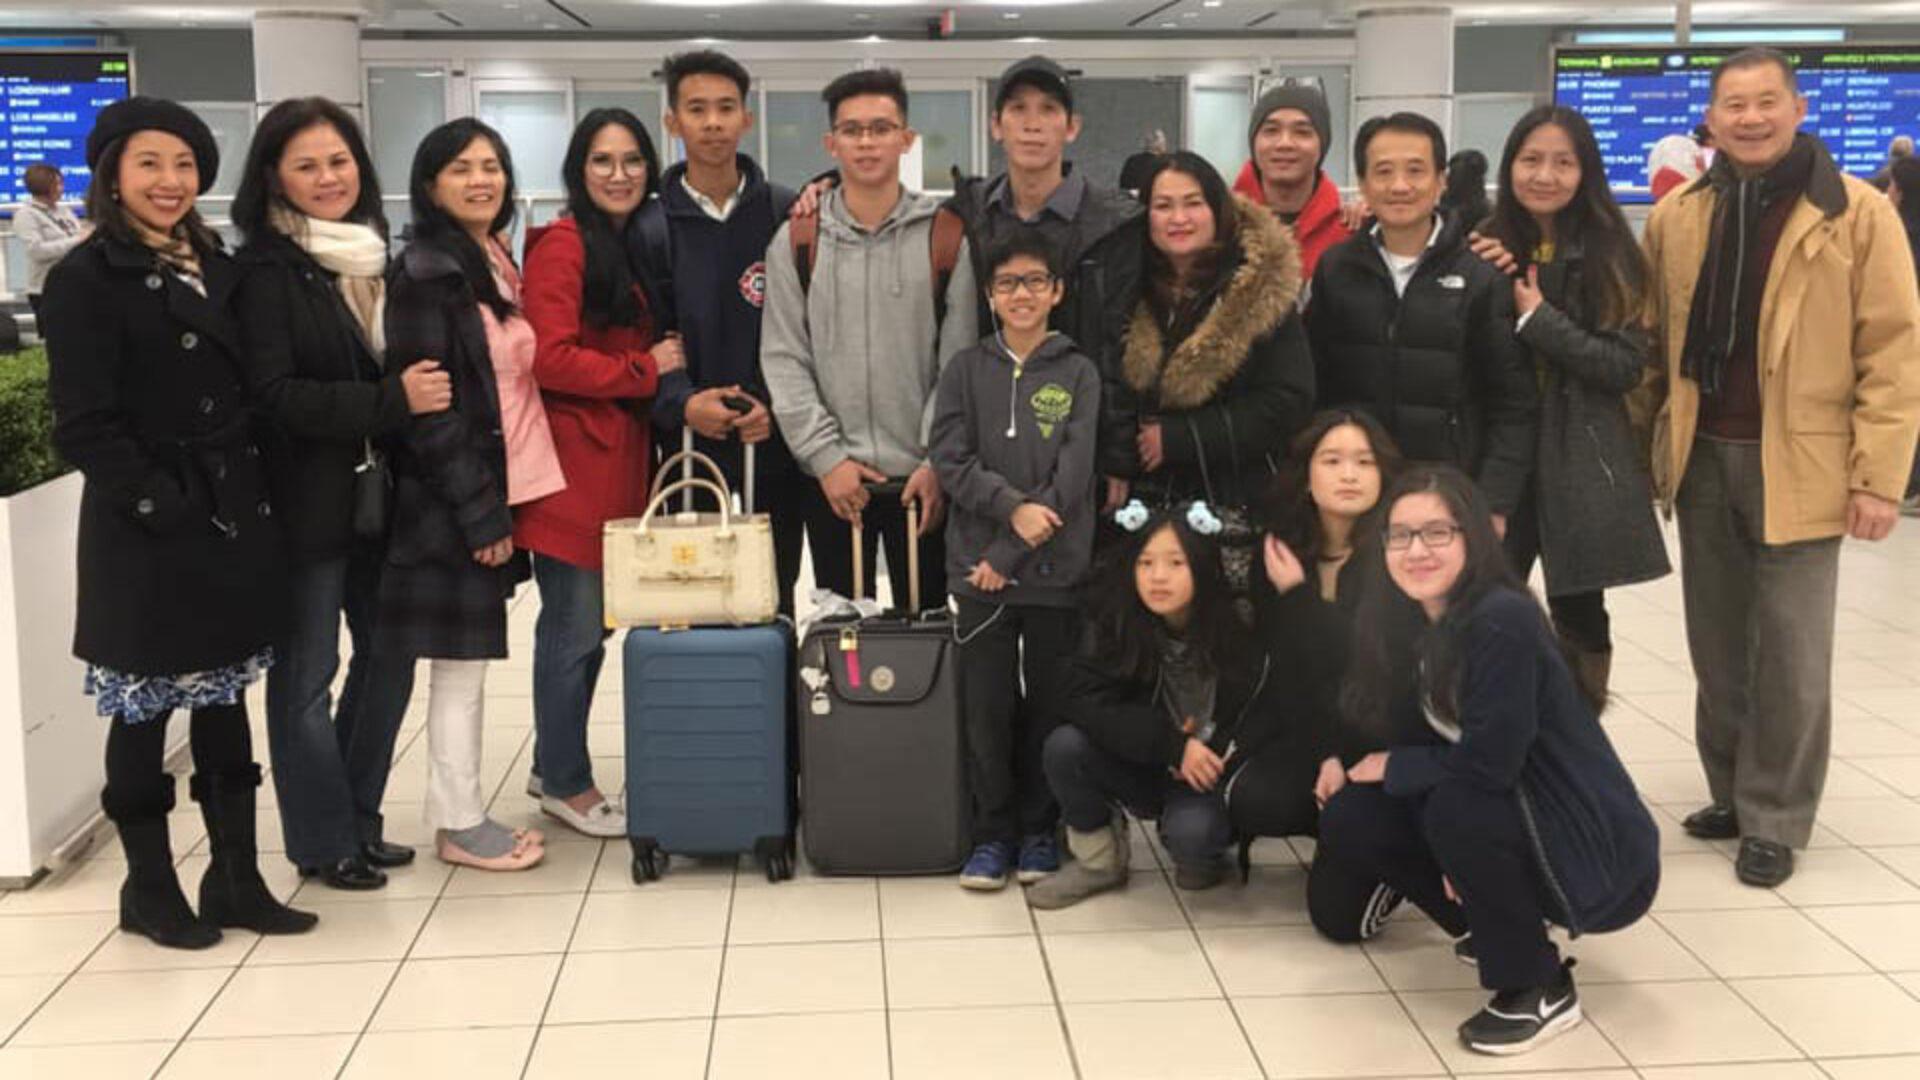 (Tiếng Việt) Thêm một gia đình người Việt tị nạn được đoàn tụ tại Canada